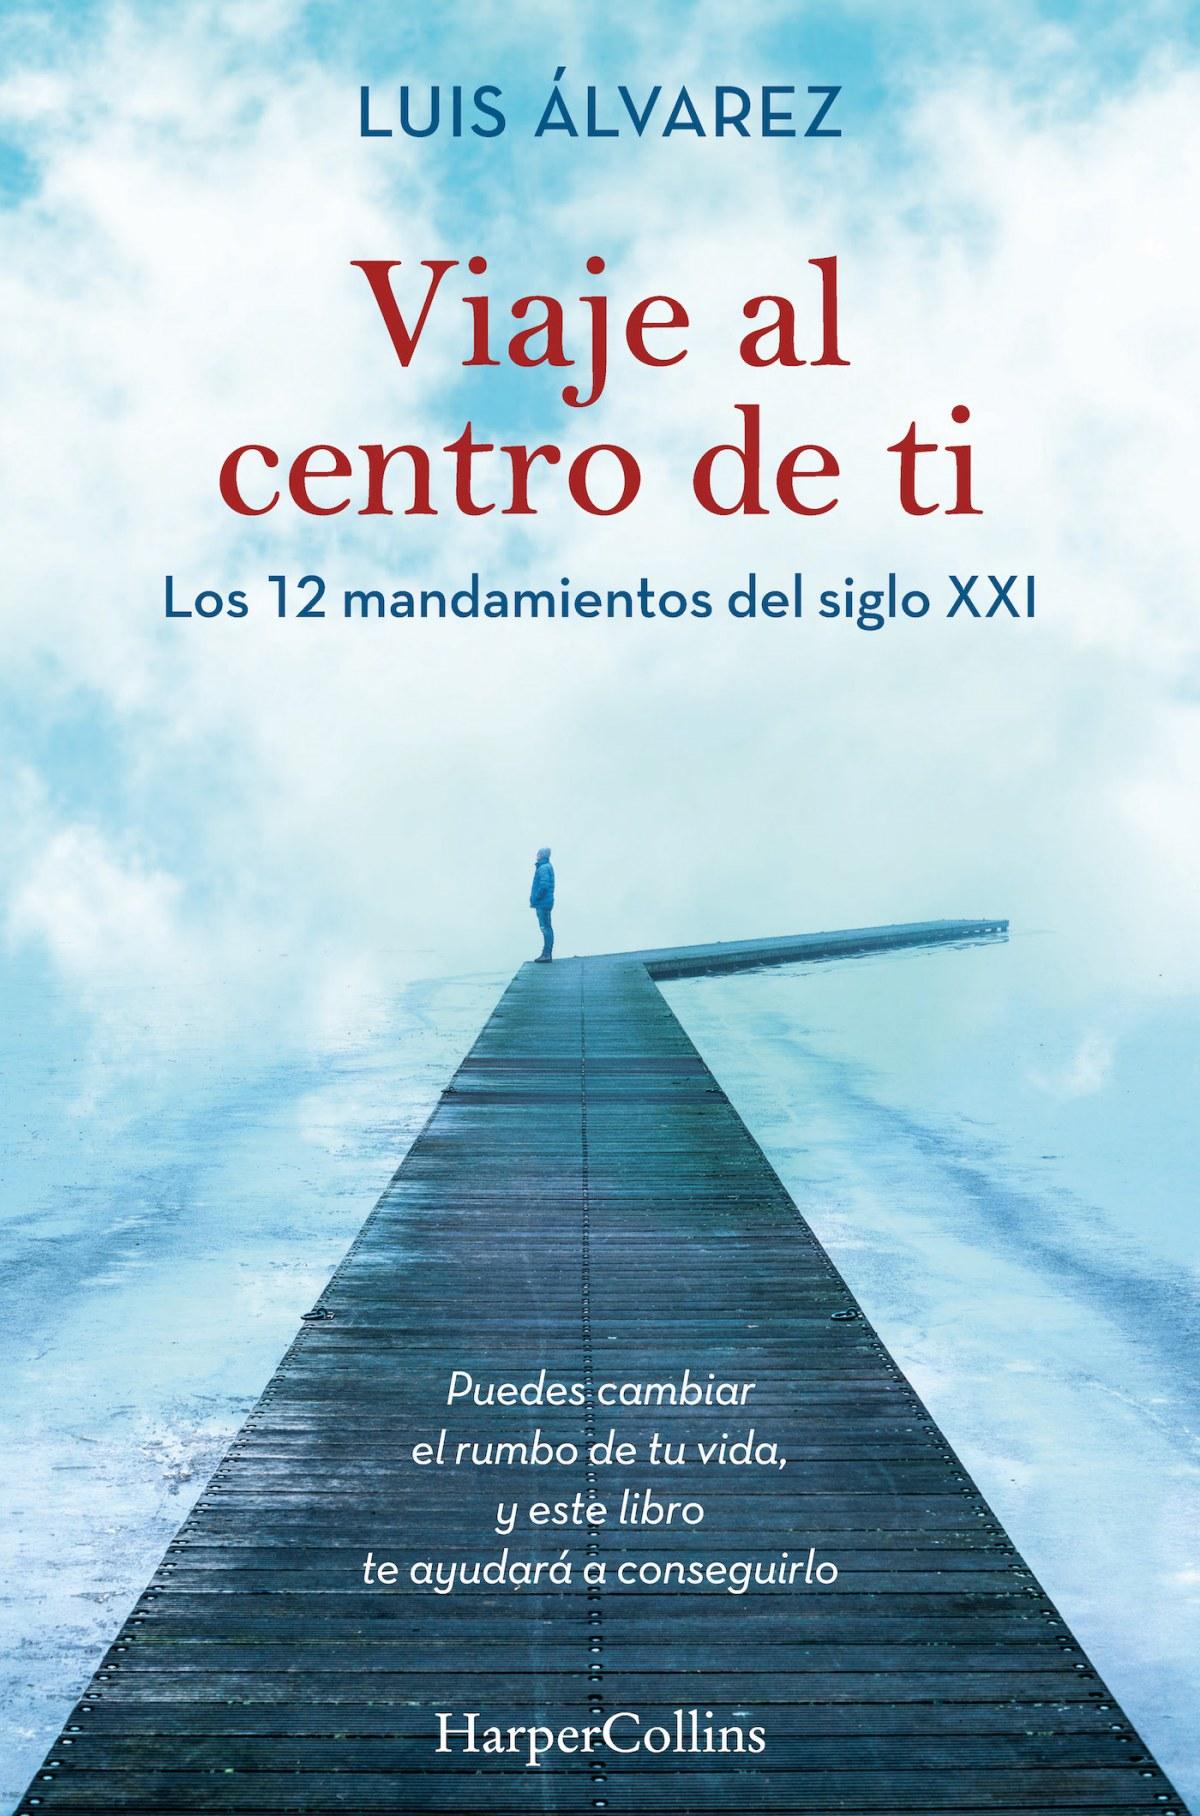 Viaje al centro de ti. Los 12 mandamientos del siglo XXI